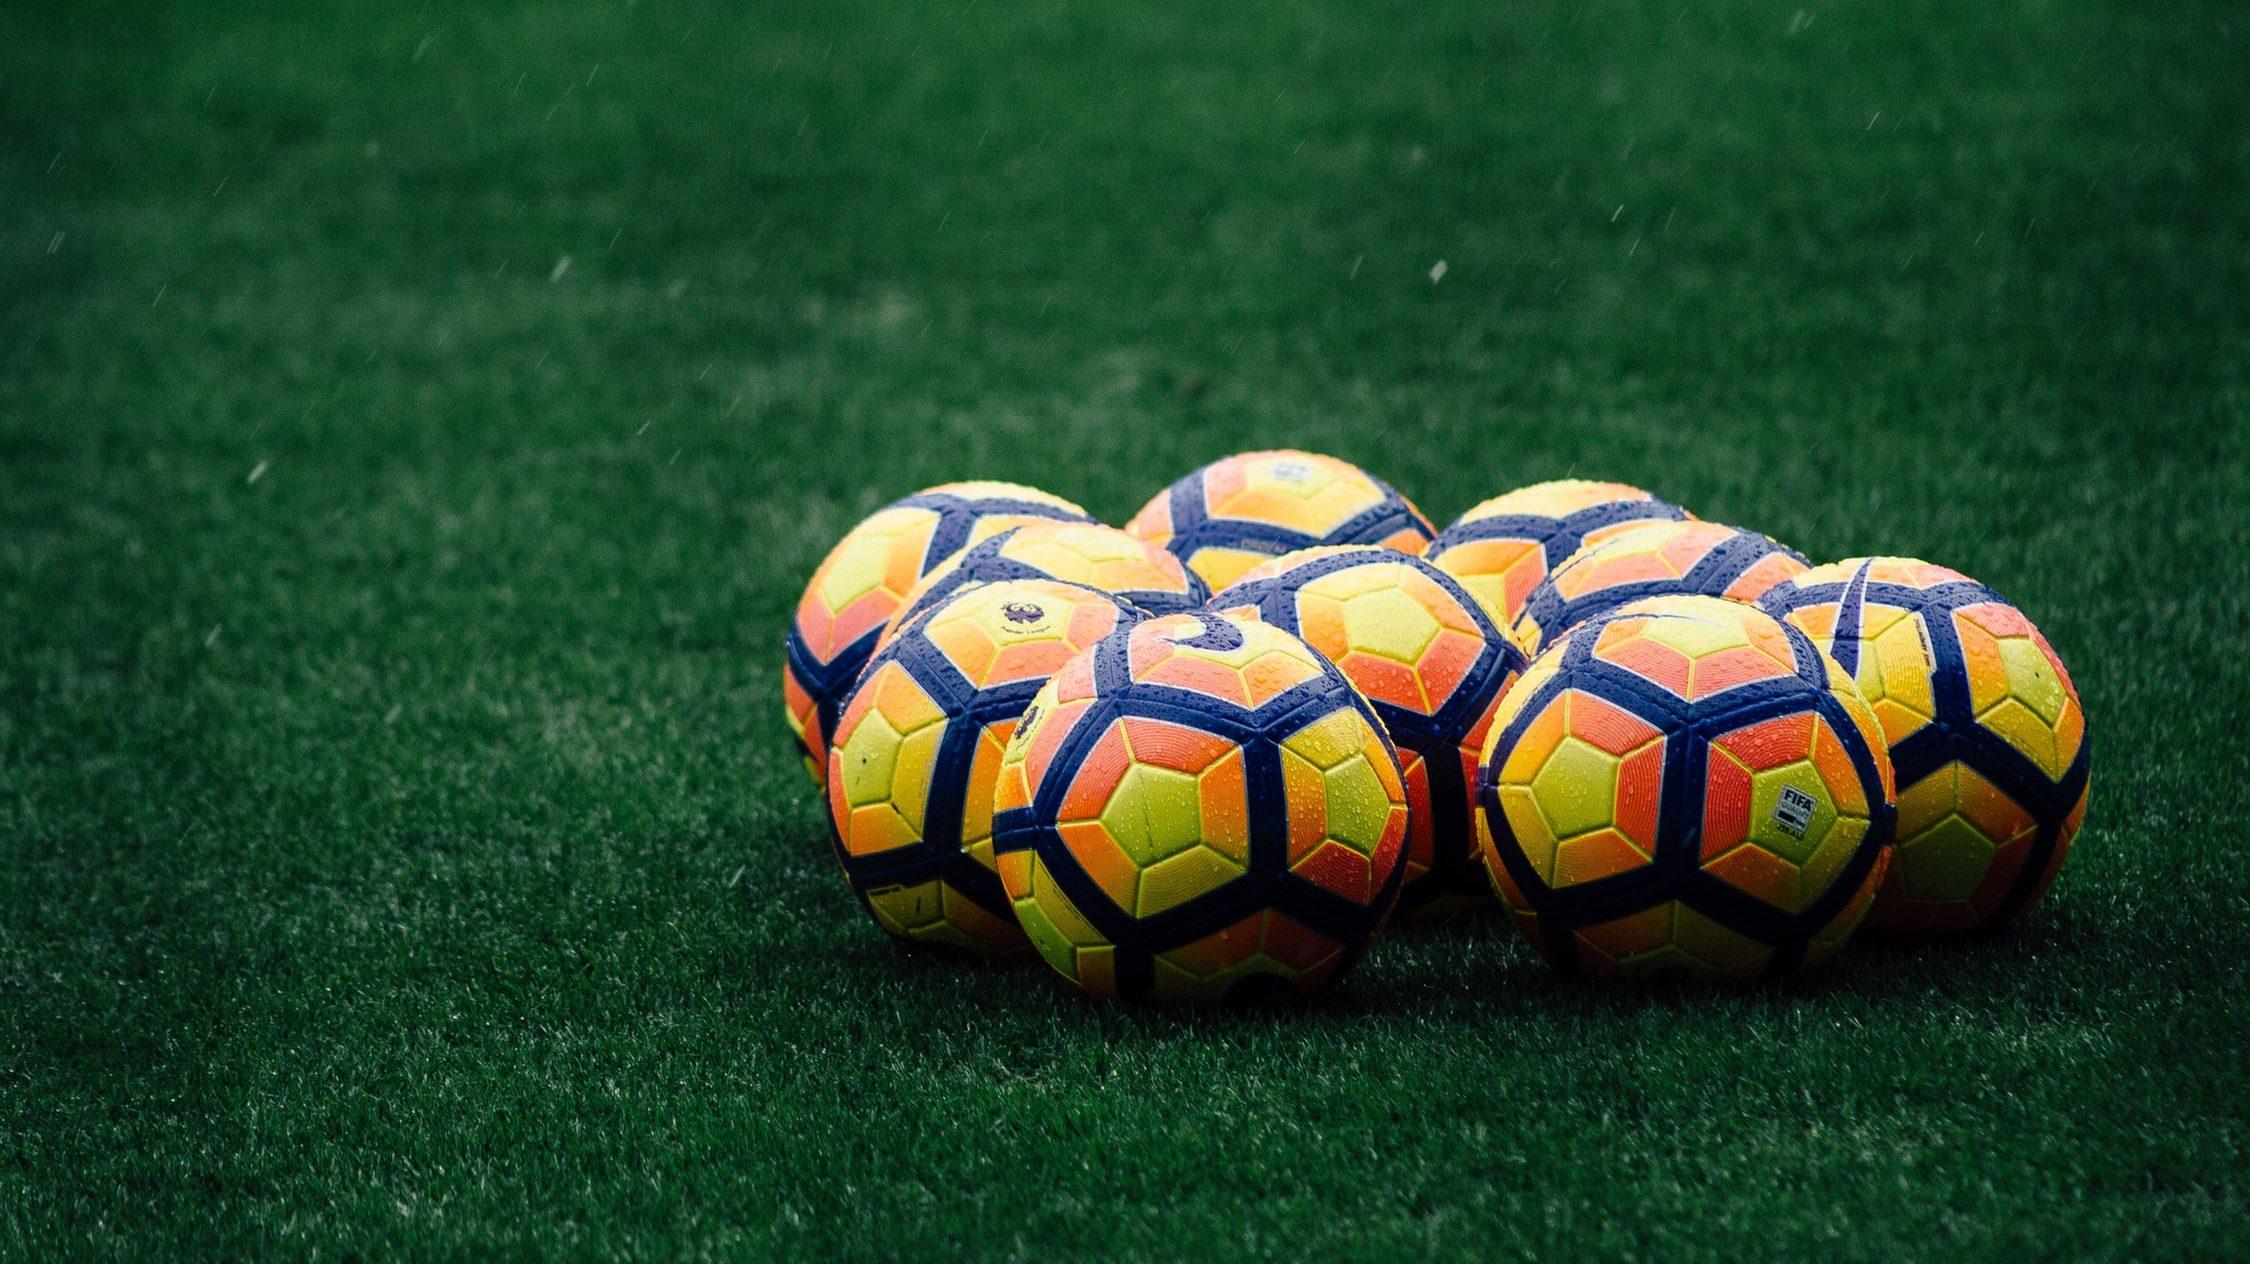 【最新版】プレミアリーグ20チームの愛称がオシャレなので紹介